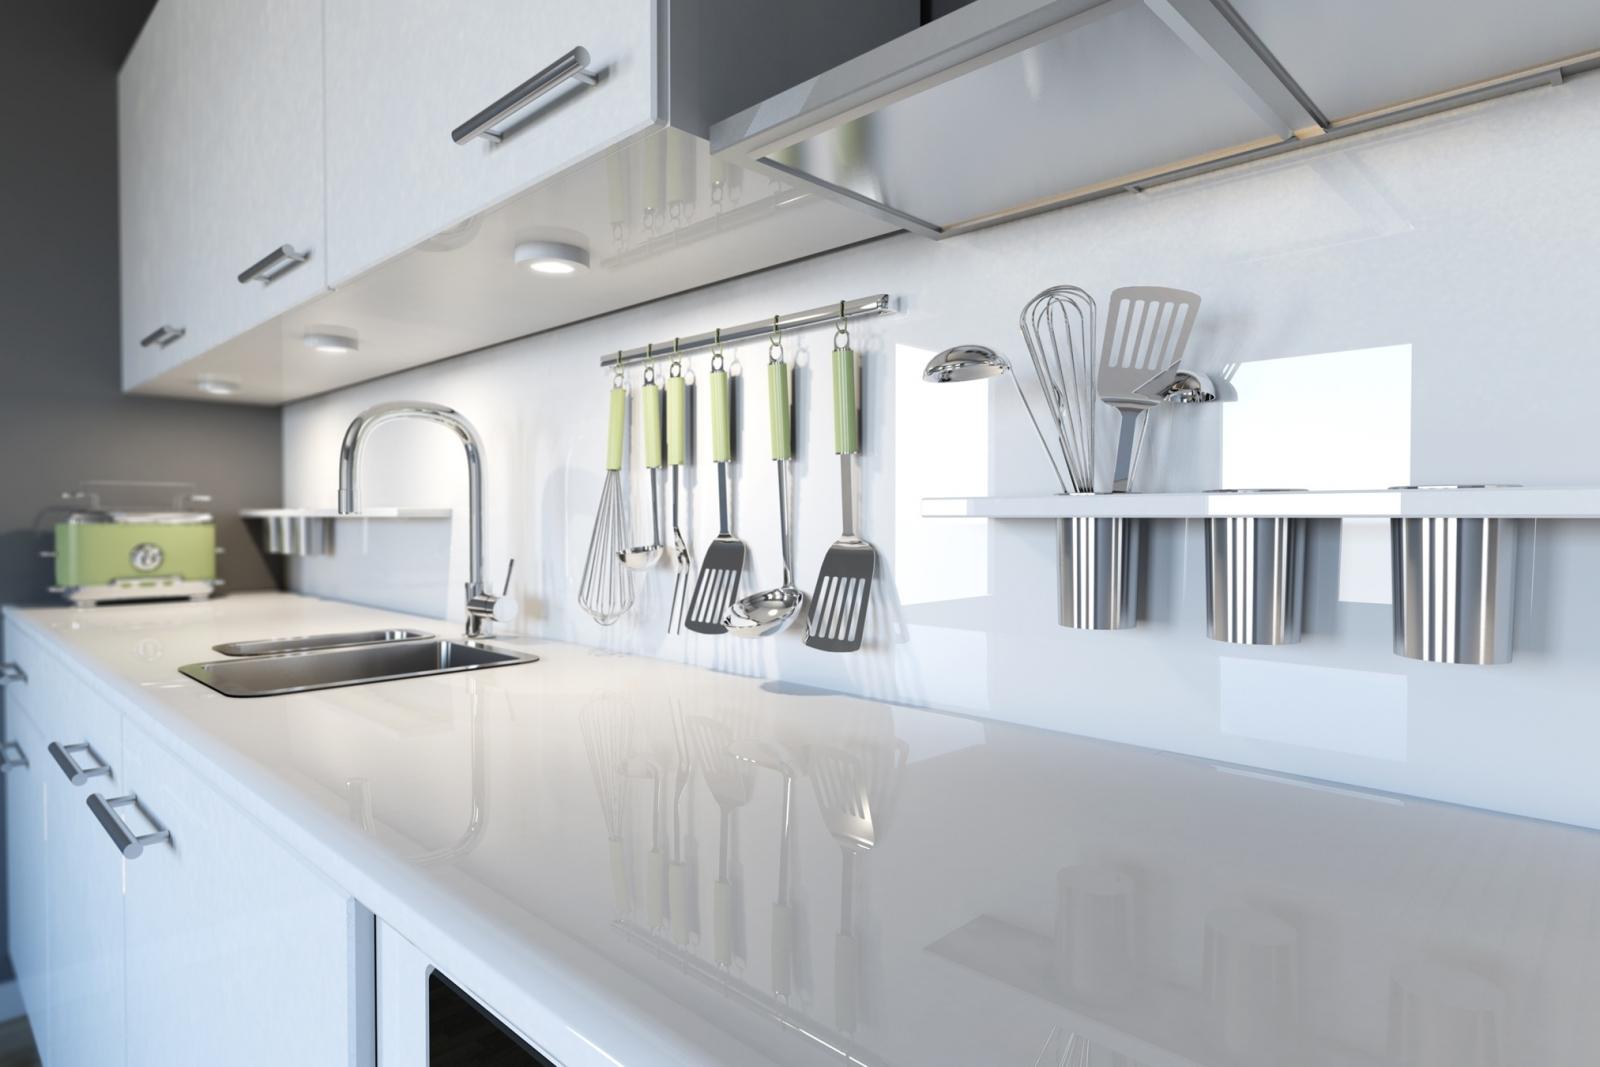 Moderne keukens: ideeën & inspiratie